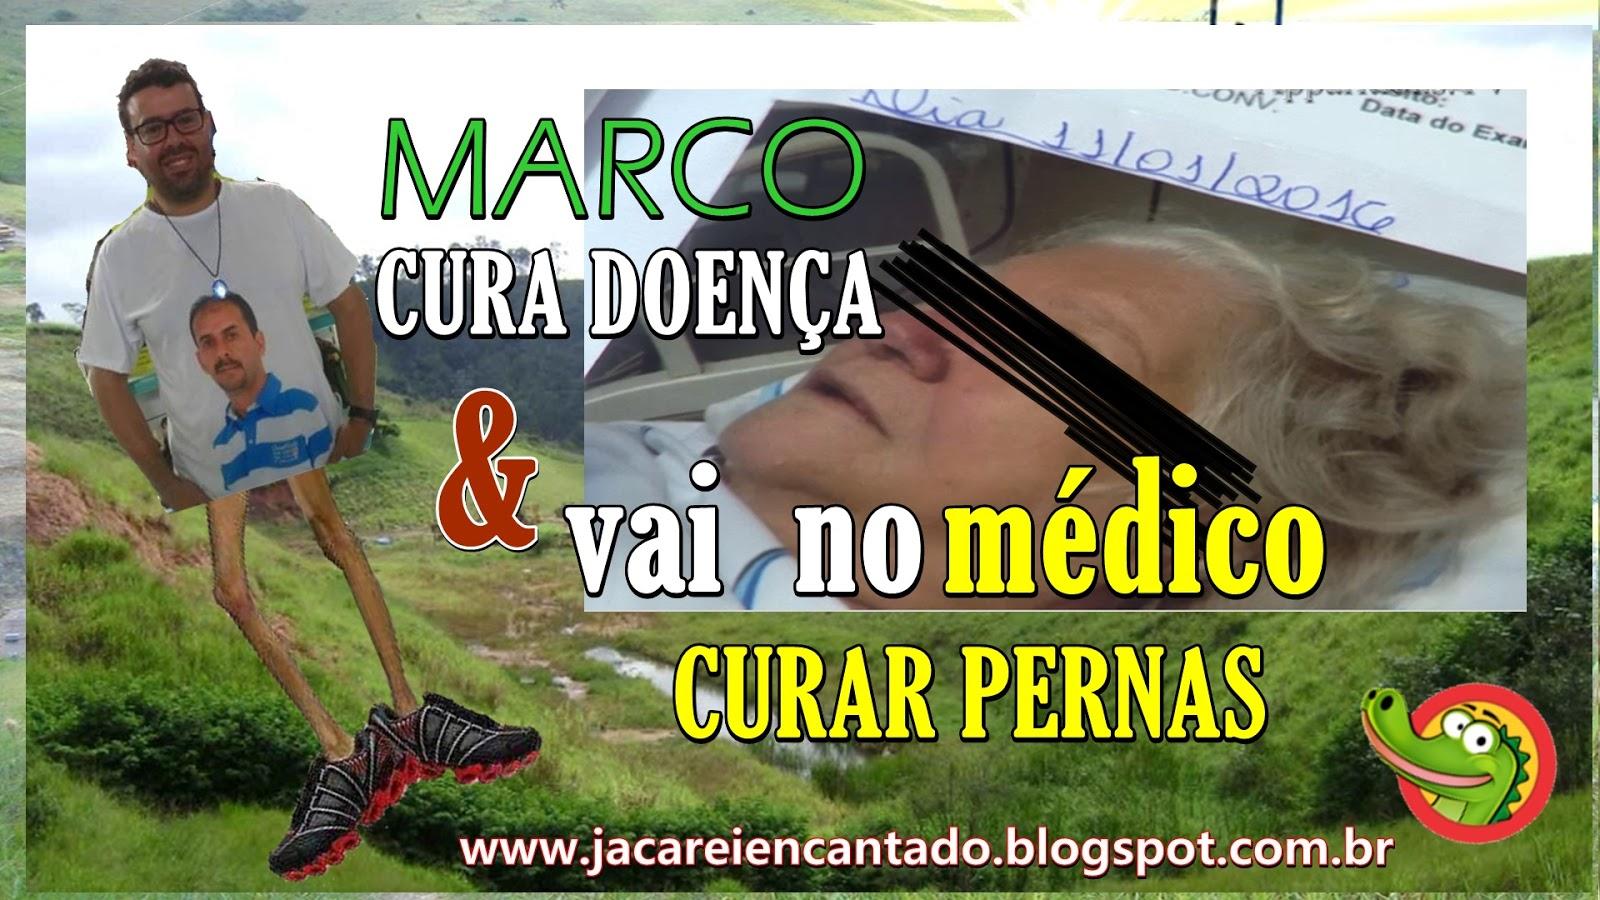 .www.jacareiencantado.blogspot.com.br